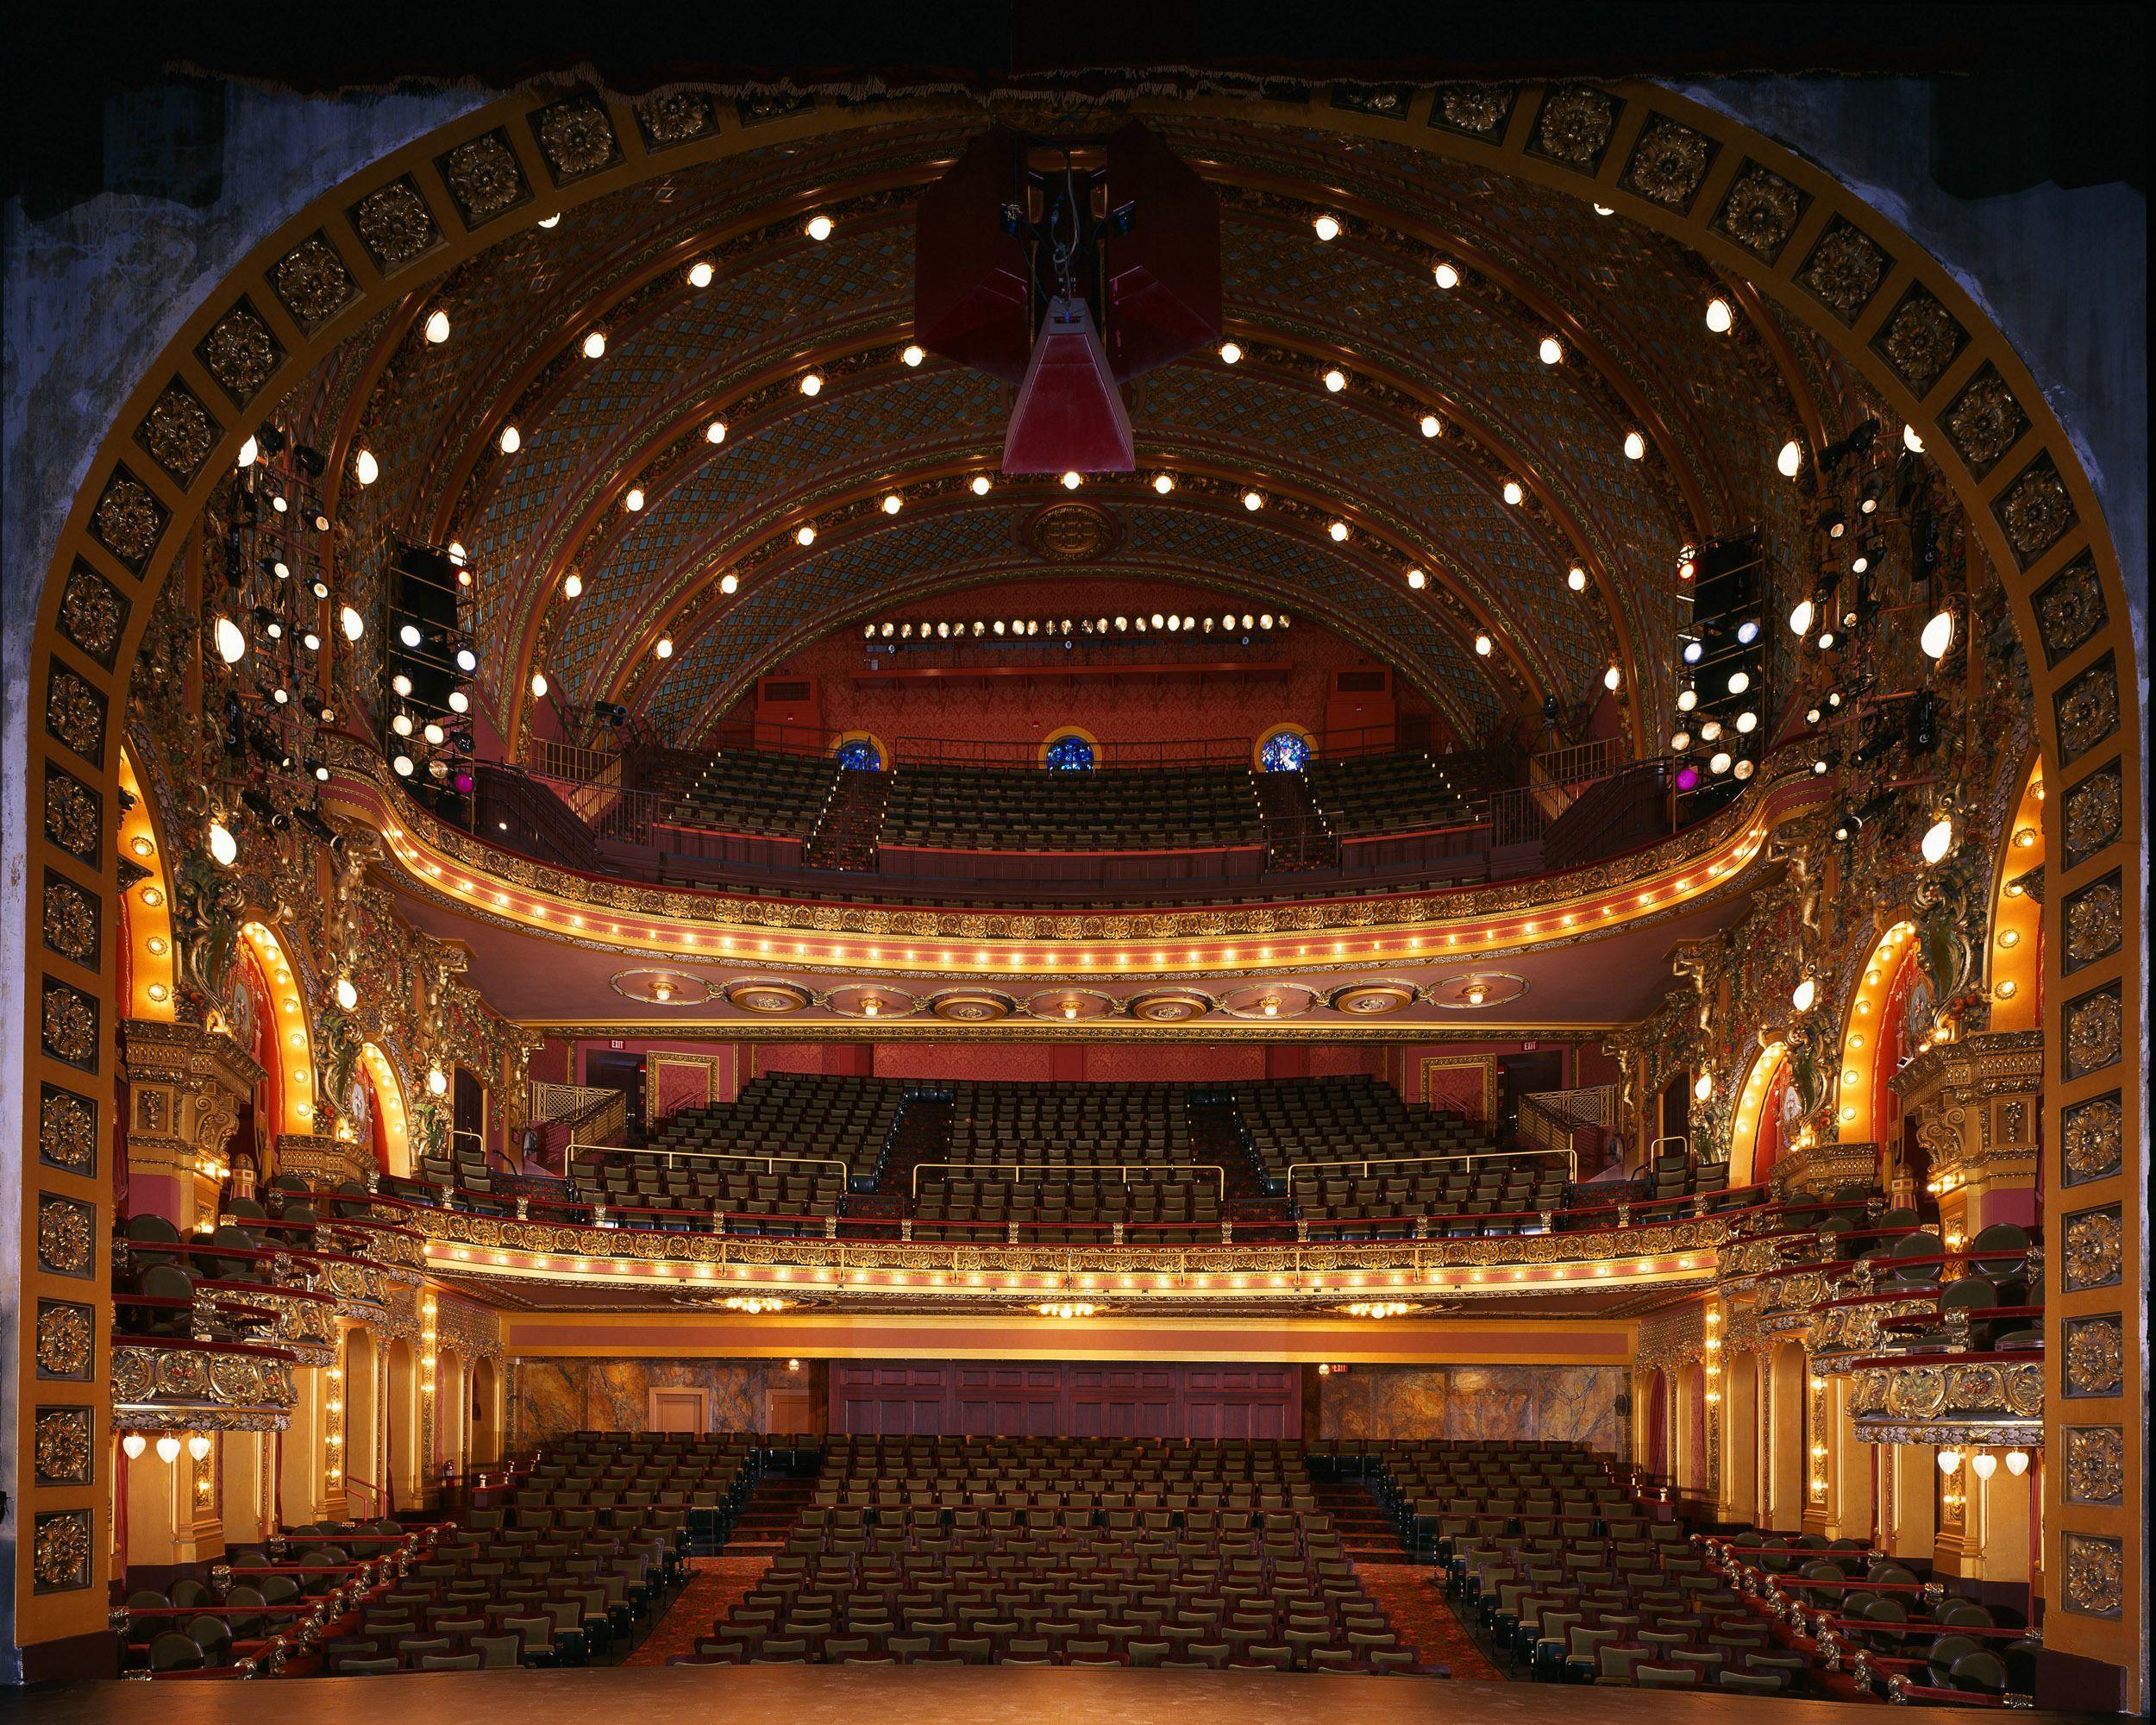 Emerson Cutler Majestic Theatre Majestic Theatre Historic Theater Berklee College Of Music